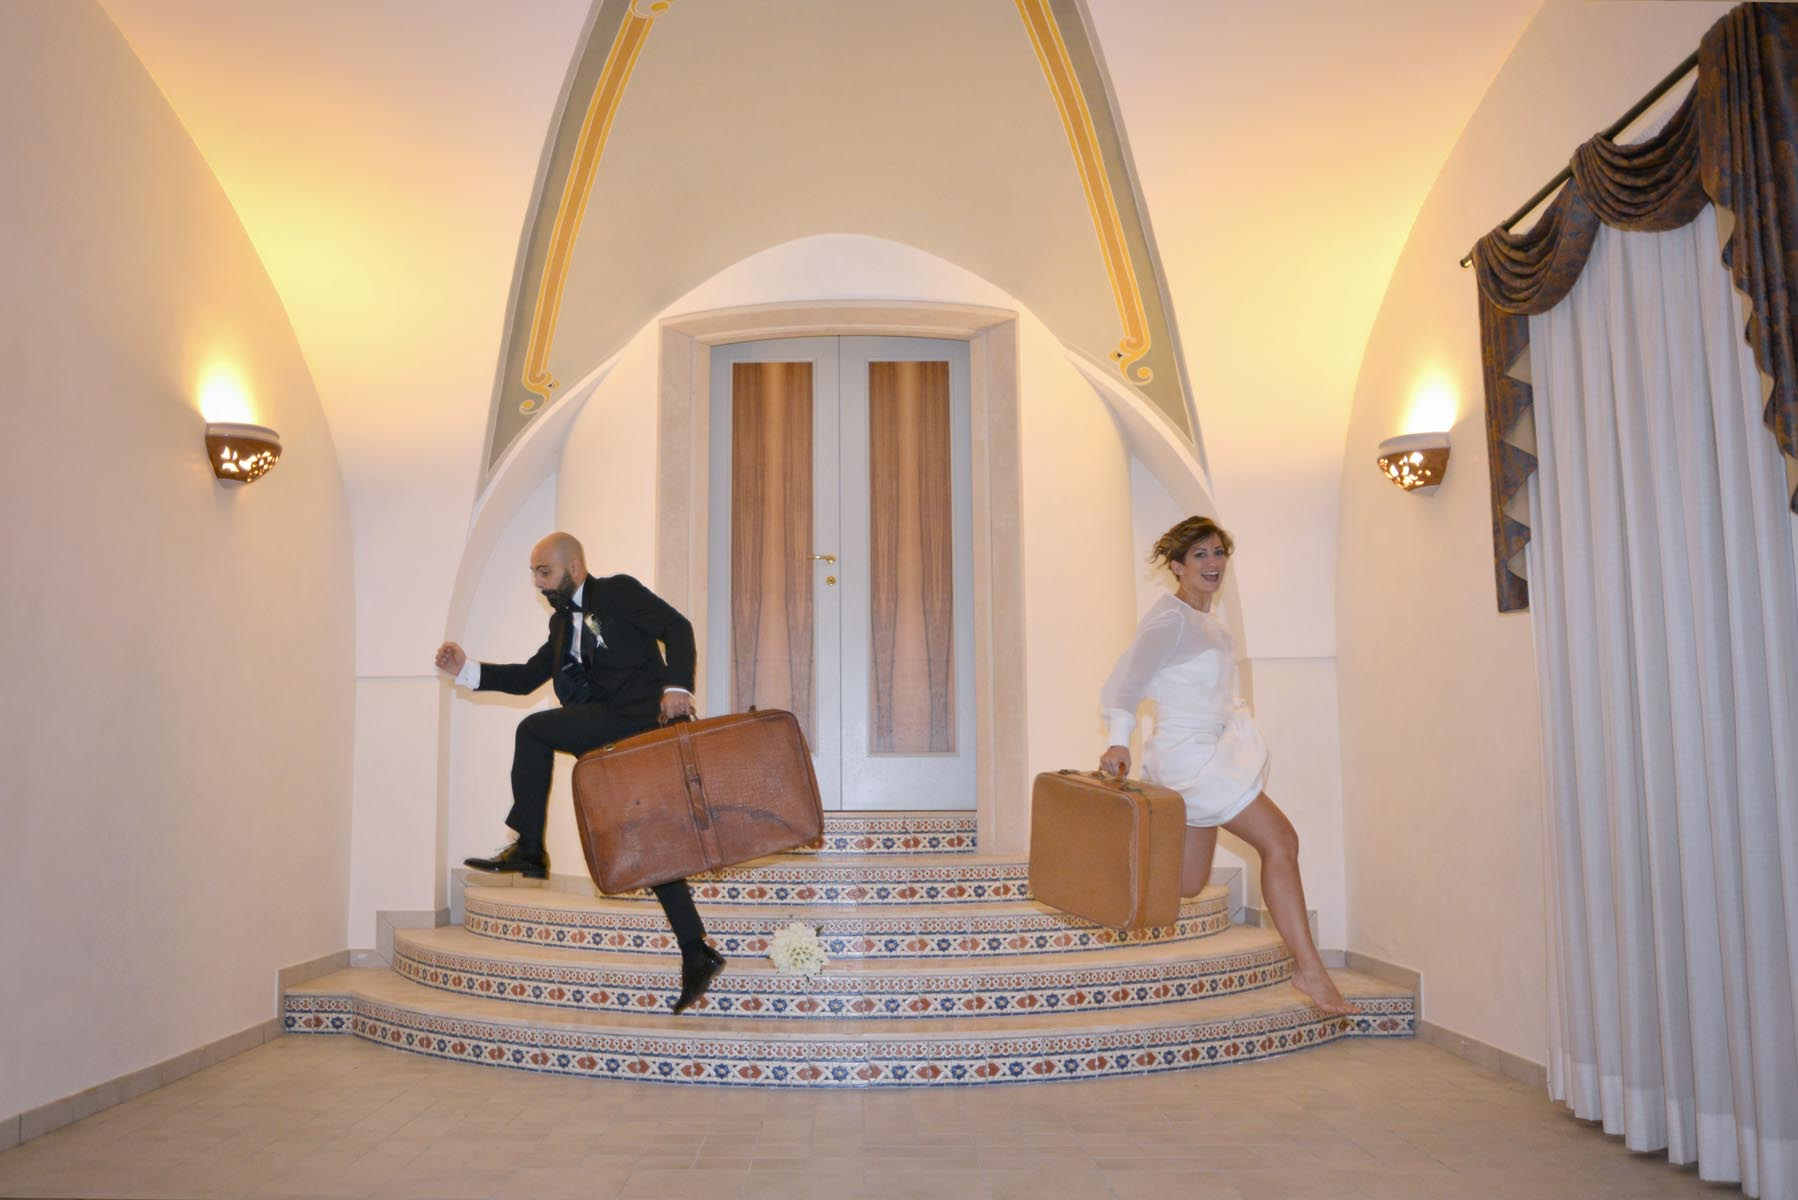 fotografo-matrimonio-fasano-70